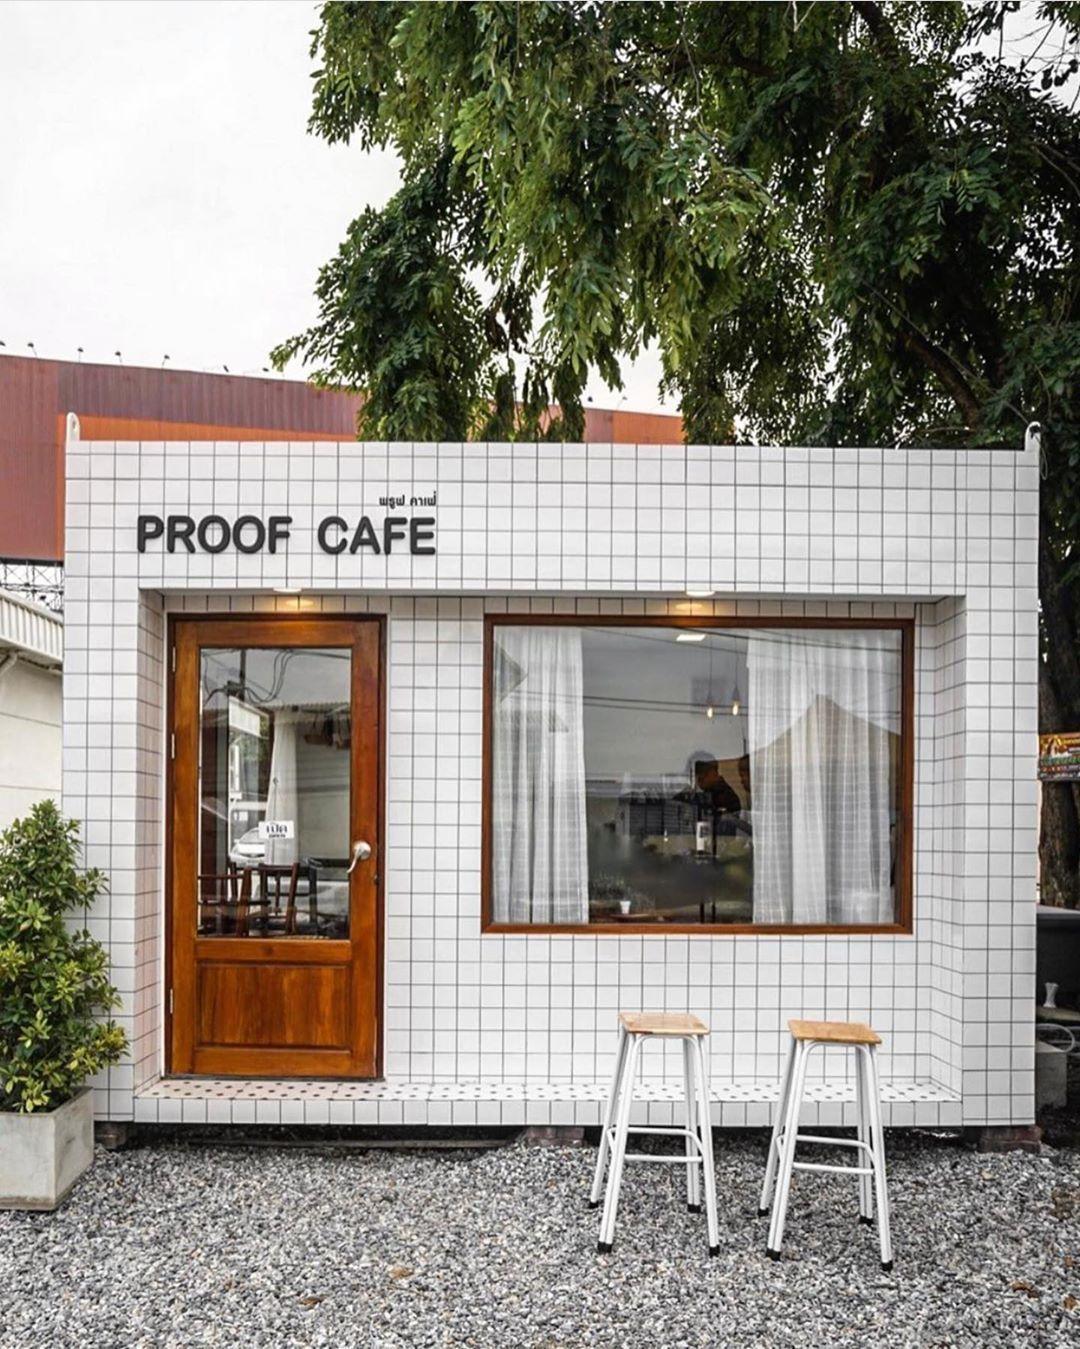 Naildesigns Nailartdesigns Cafe Shop Design Cafe Interior Design Coffee Shop Design